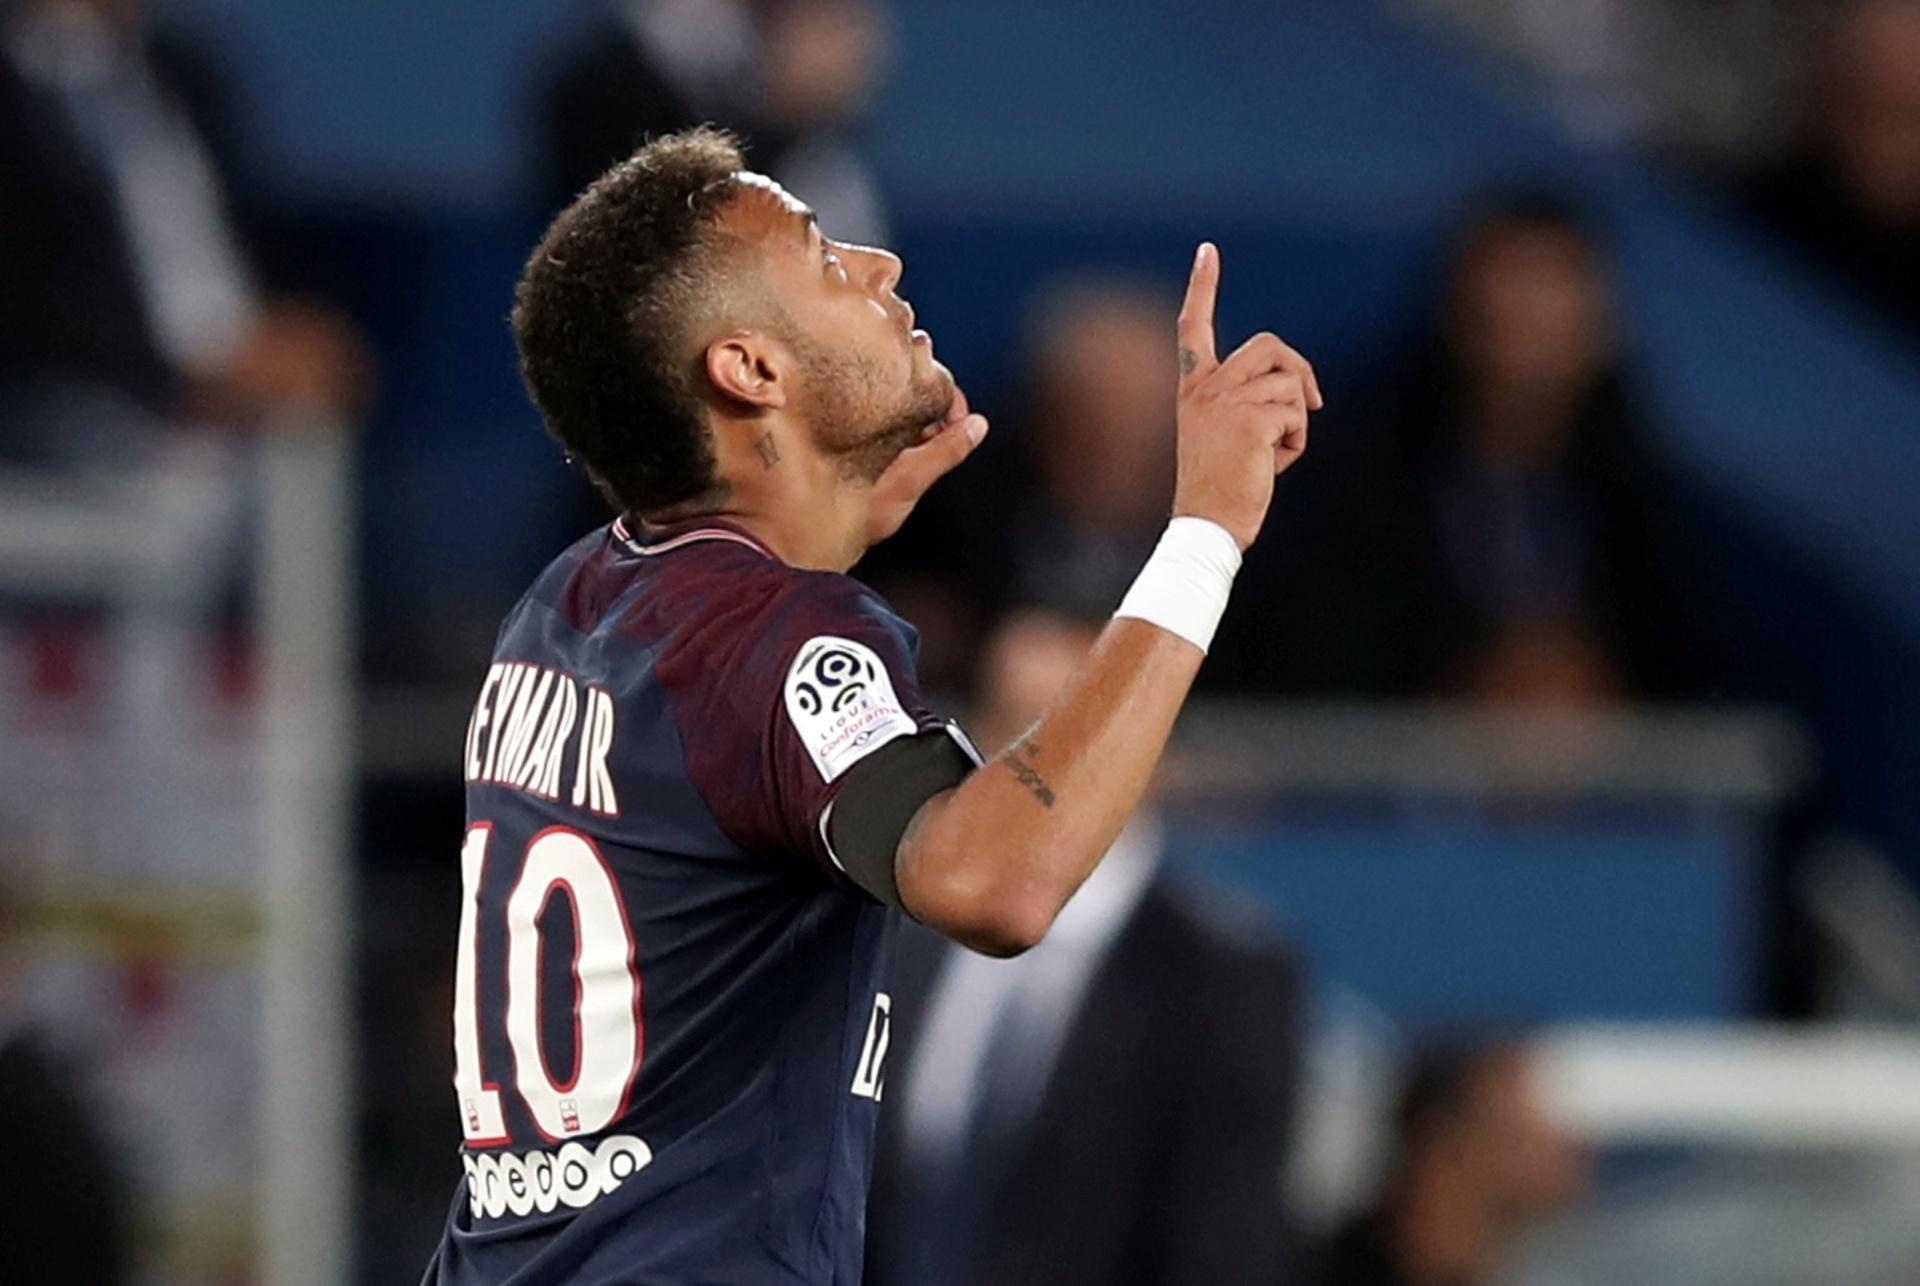 Neymar faz dois e se emociona em homenagem em primeiro jogo em casa no PSG  - 20 08 2017 - UOL Esporte 72f16bad41795